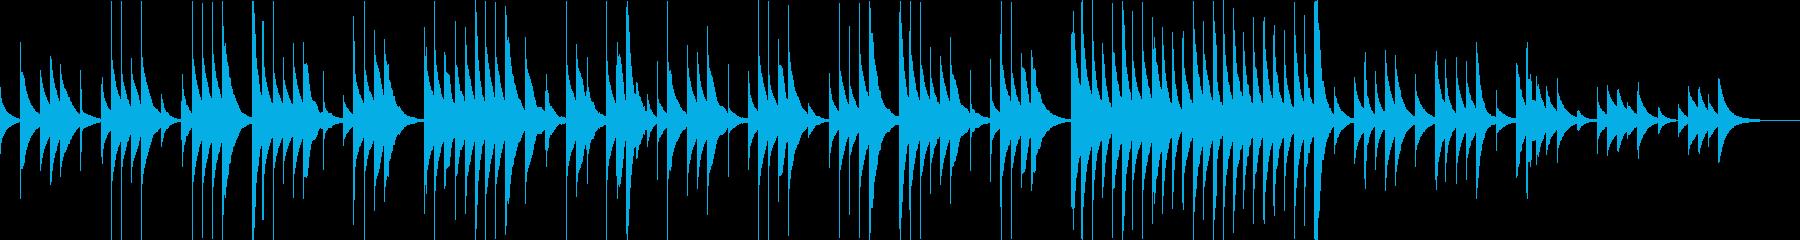 別れの曲のオルゴールアレンジ/ループokの再生済みの波形